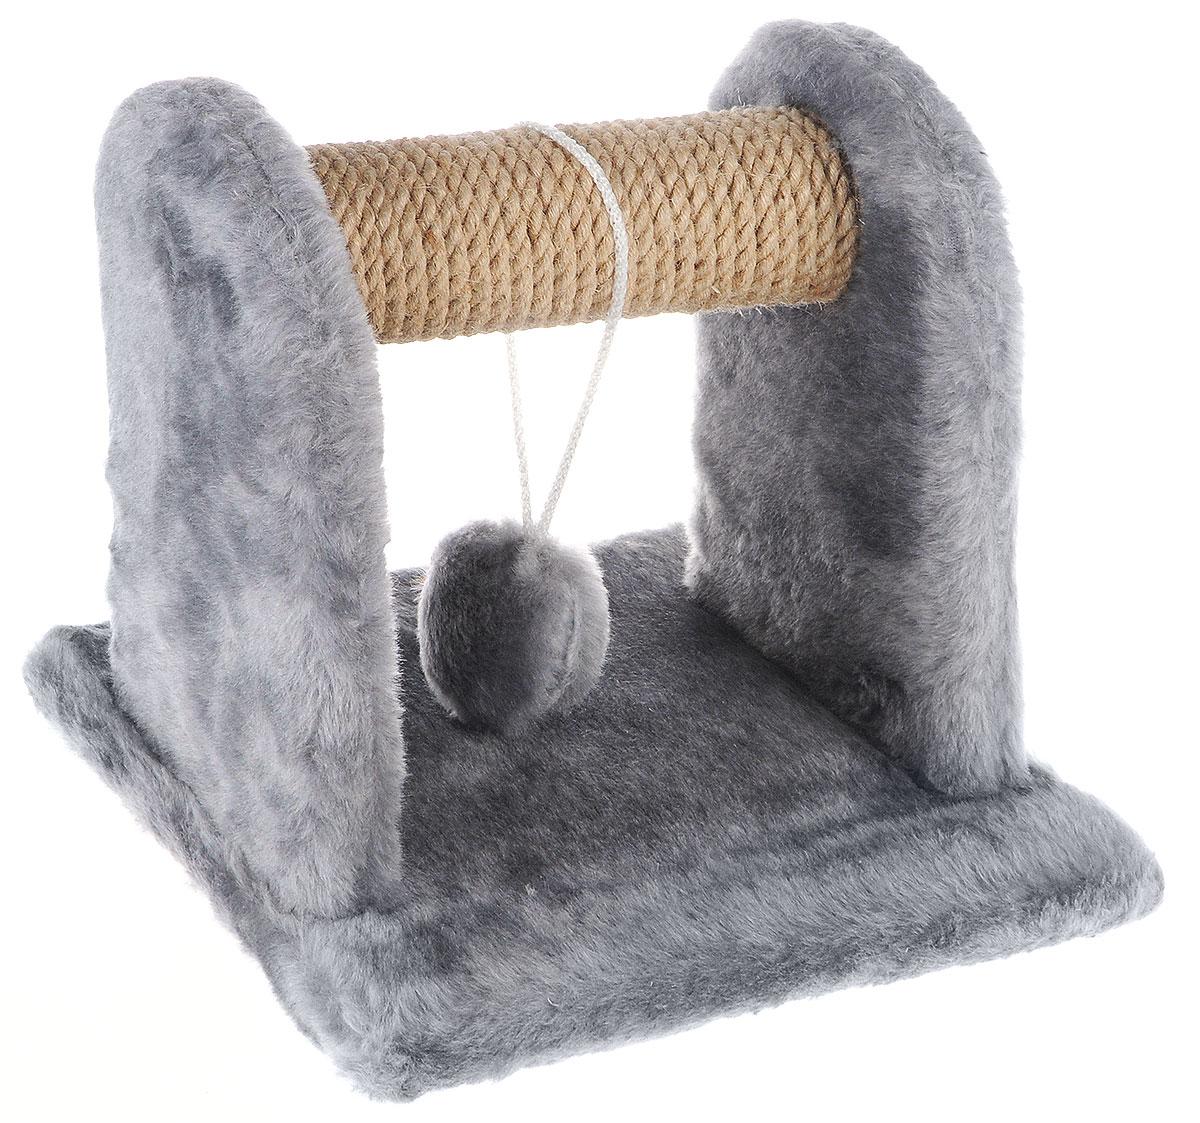 Когтеточка для котят Меридиан, с игрушкой, цвет: светло-серый, бежевый, 26 х 26 х 26 смК701ССКогтеточка Меридиан предназначена для стачивания когтей вашего котенка и предотвращения их врастания. Она выполнена из ДВП, ДСП и обтянута искусственным мехом. Точатся когти о накладку из джута. Когтеточка оснащена подвесной игрушкой, привлекающей внимание котенка. Когтеточка позволяет сохранить неповрежденными мебель и другие предметы интерьера.